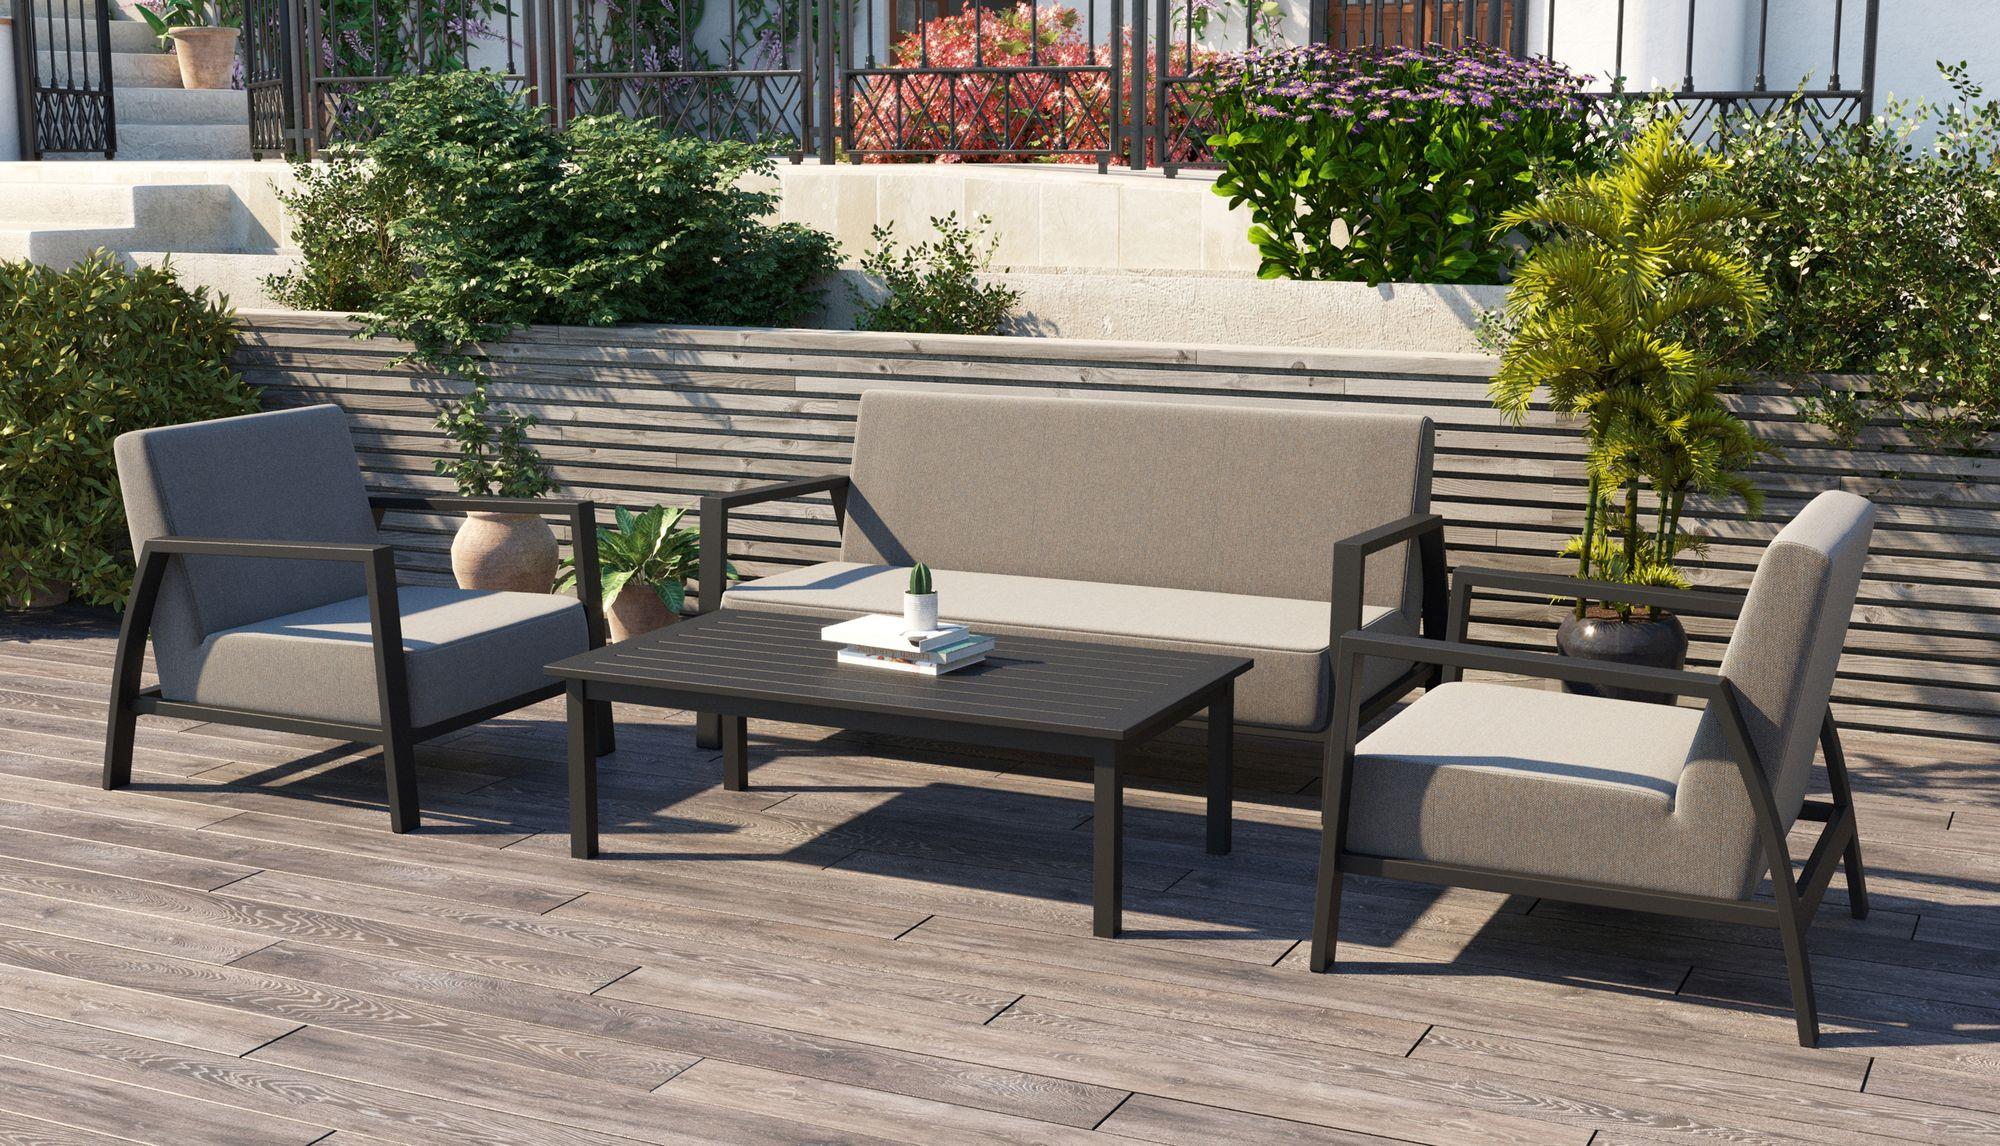 Фото-Садовая мебель из алюминия CLASSICO лаунж зона